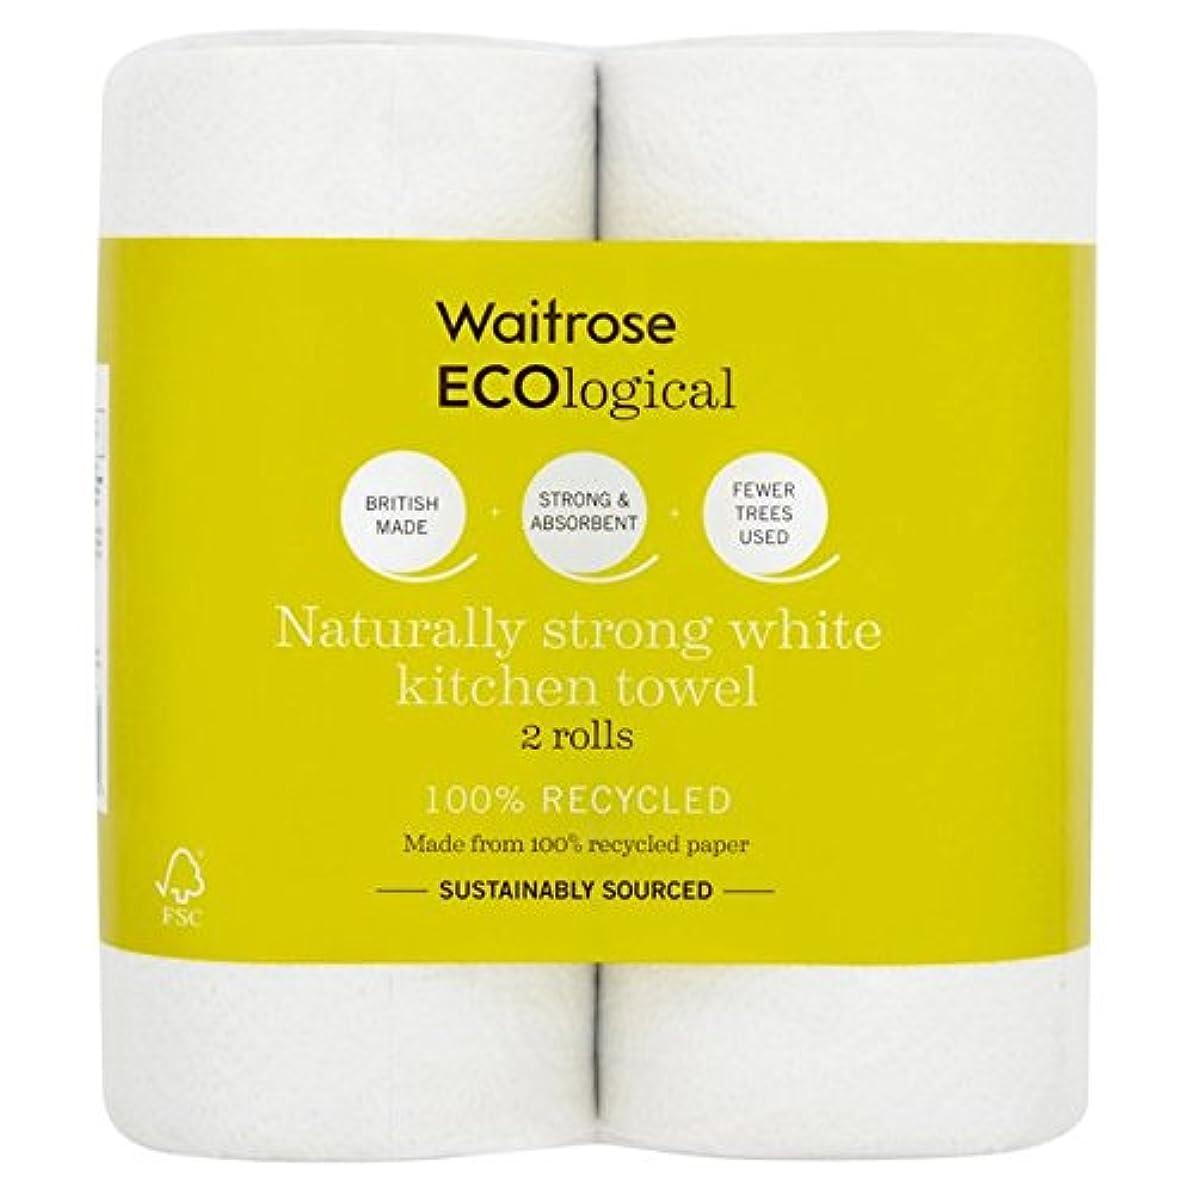 傾向がある牛怠感ECOlogical White Kitchen Towels Recycled Waitrose 2 per pack - パックごとのウェイトローズ2をリサイクル生態白いキッチンタオル [並行輸入品]